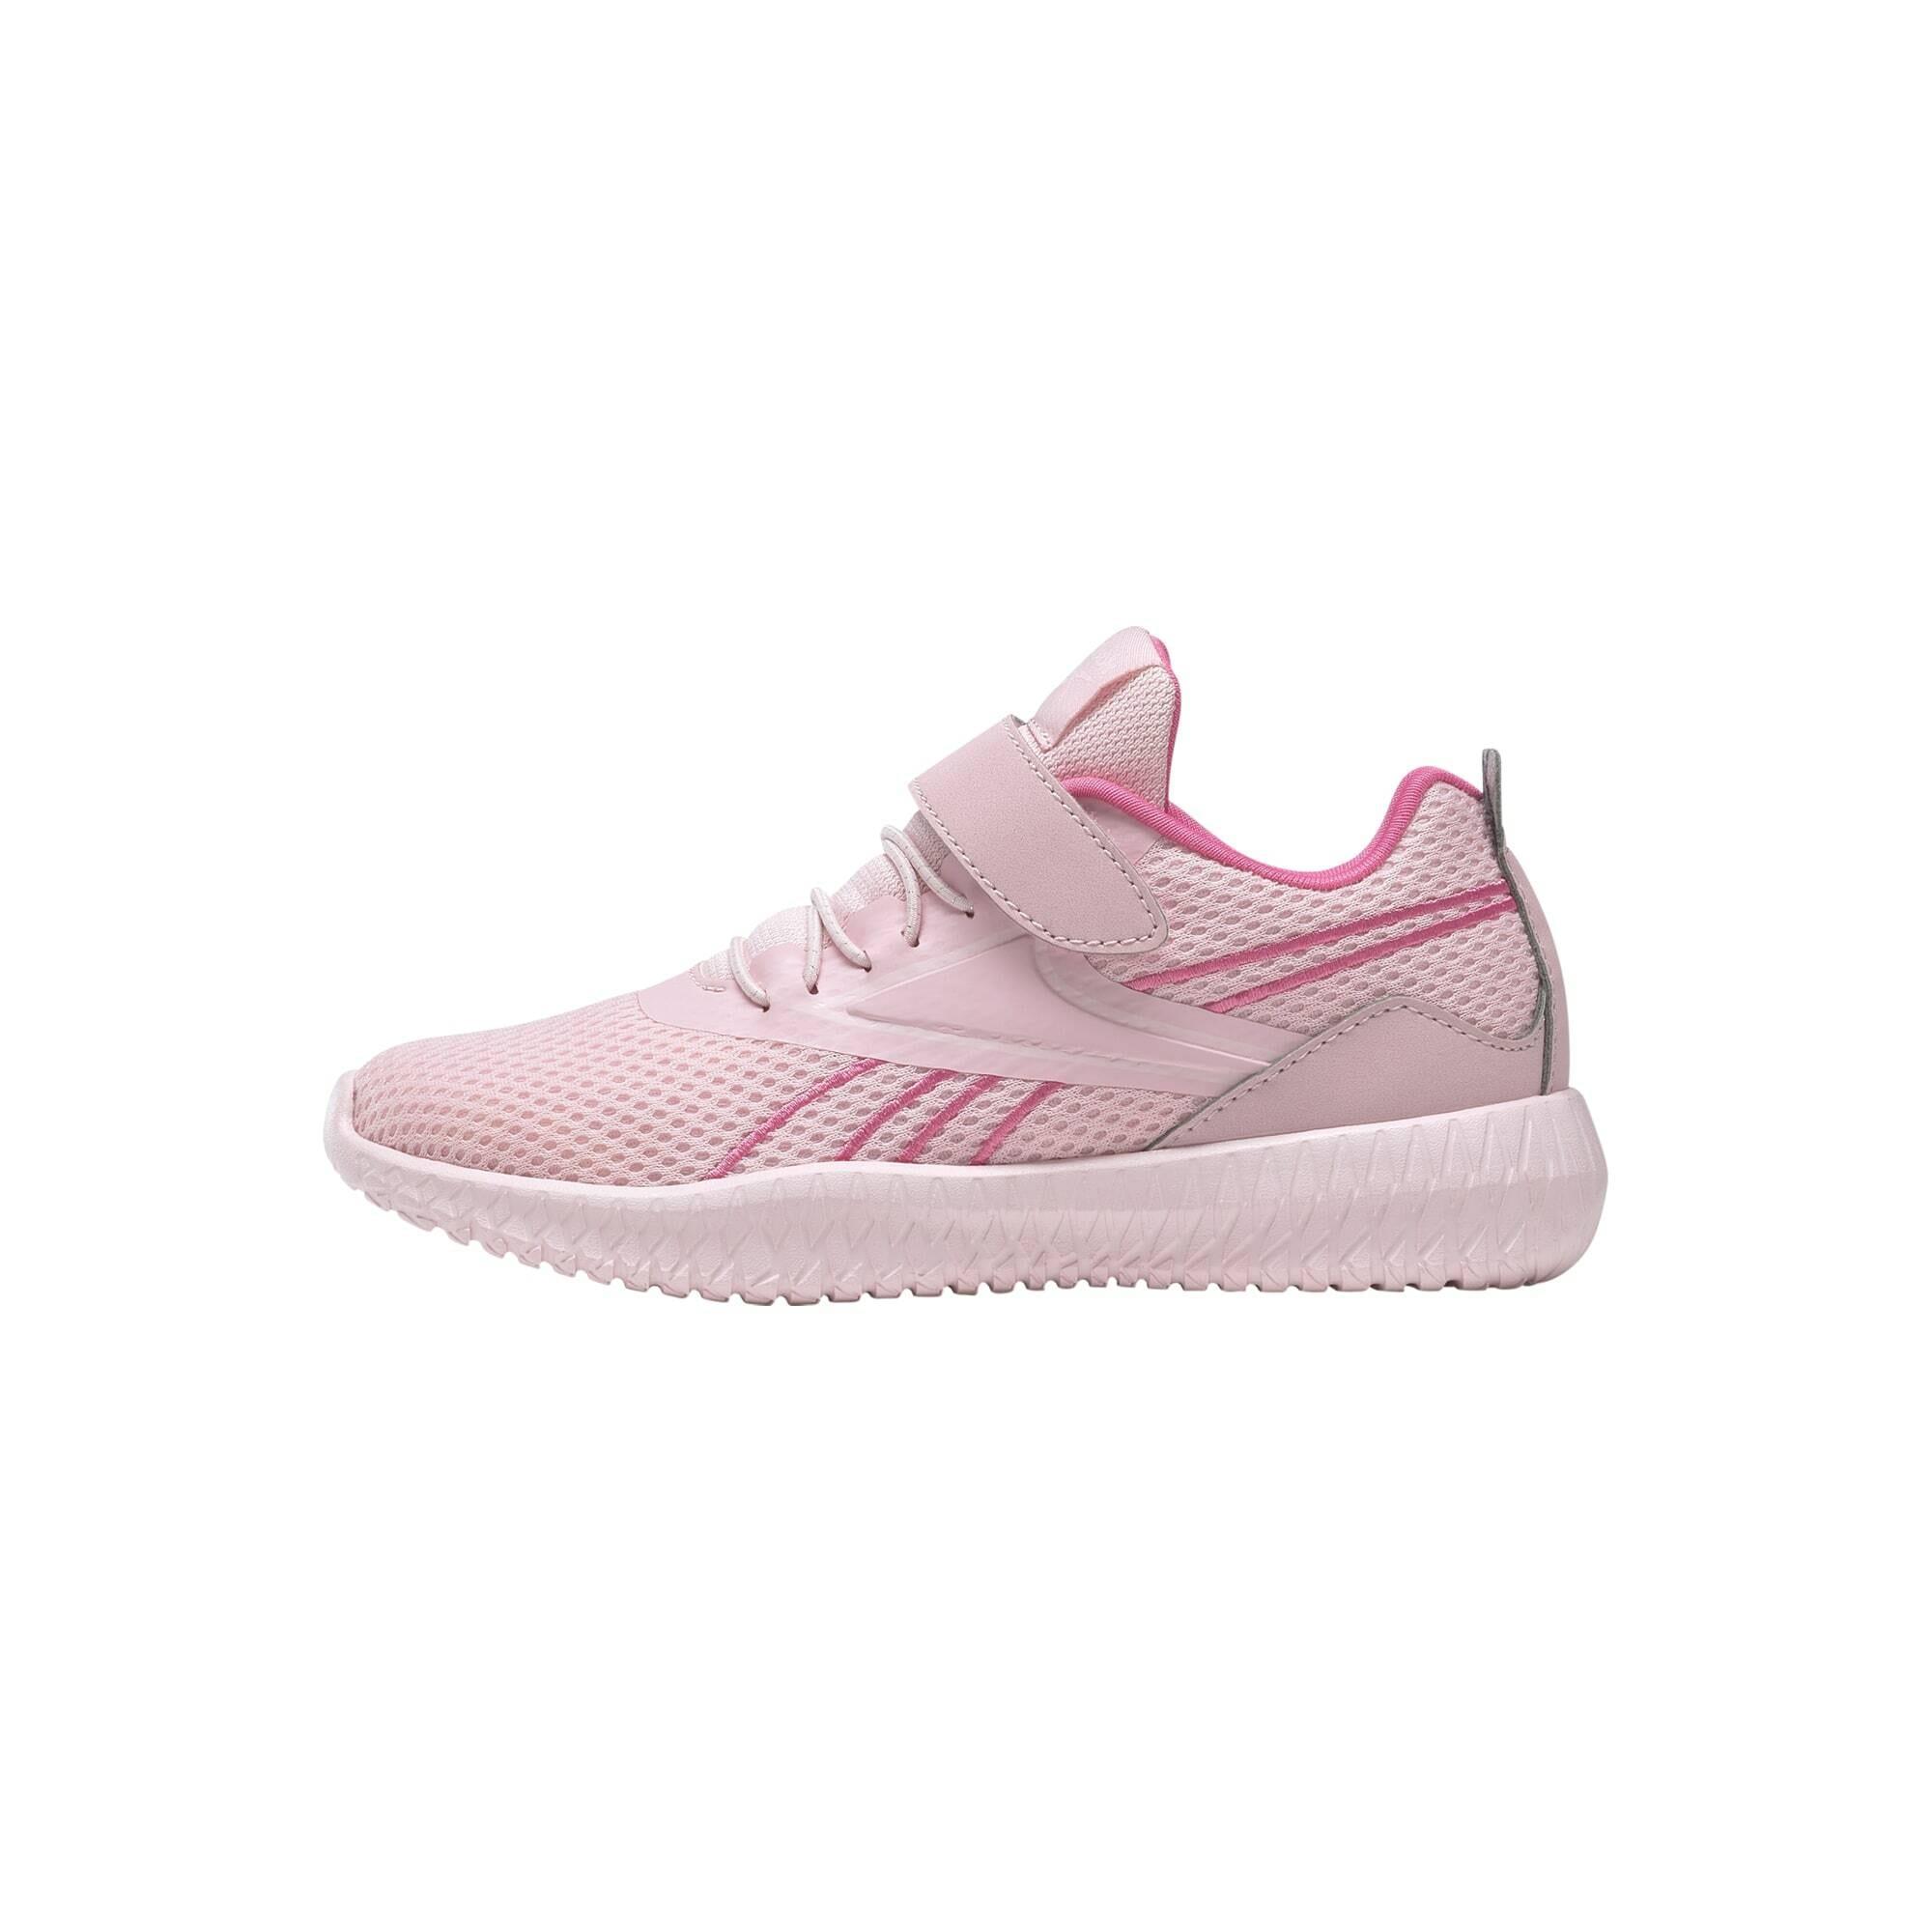 REEBOK Sportiniai batai 'Flexagon Energy' rožinė / rožių spalva